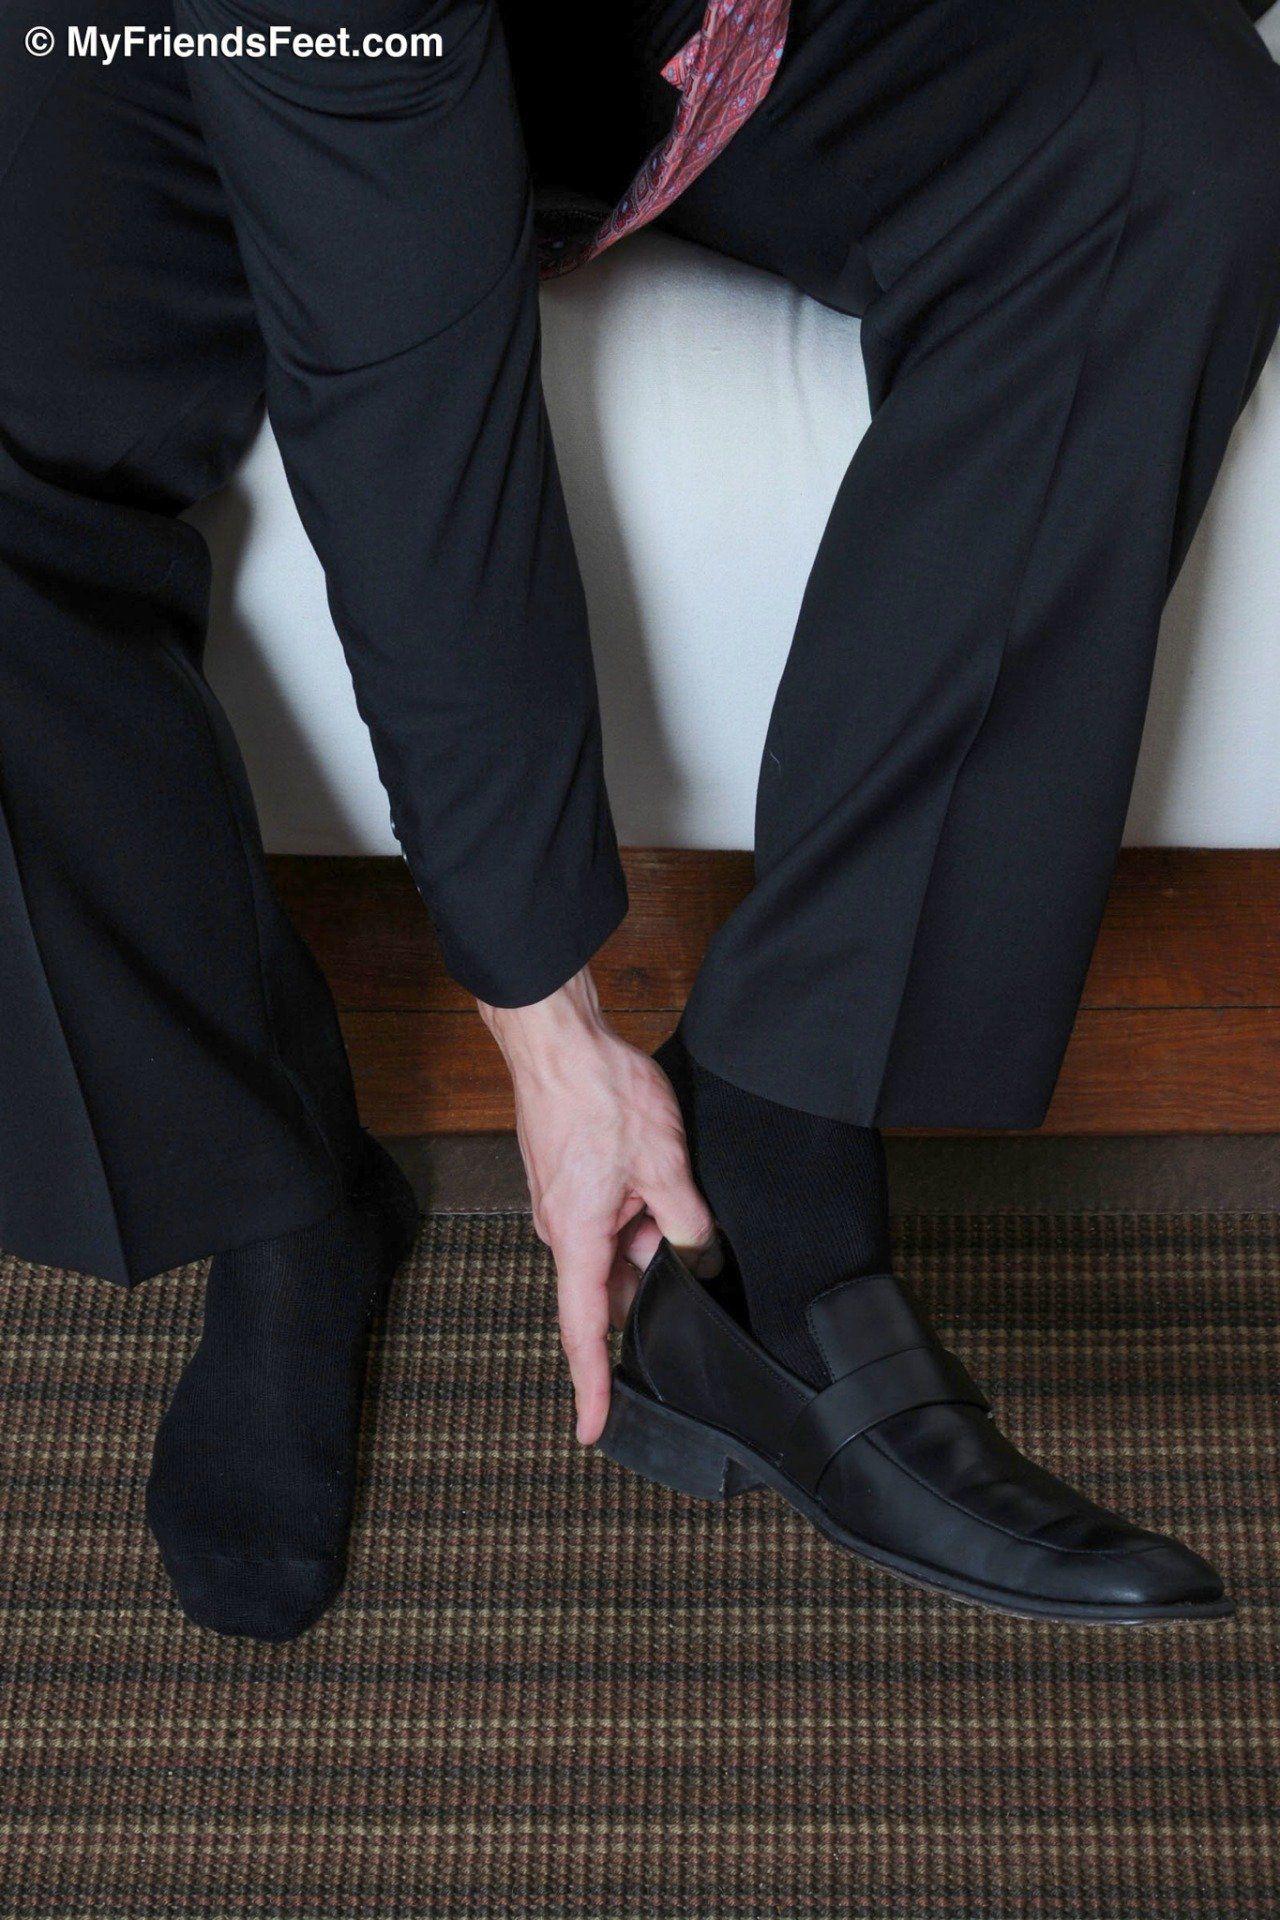 Pin By Bj65 On Ah Sheer Dress Socks Over The Calf Socks Mens Dress Socks Black [ 1920 x 1280 Pixel ]